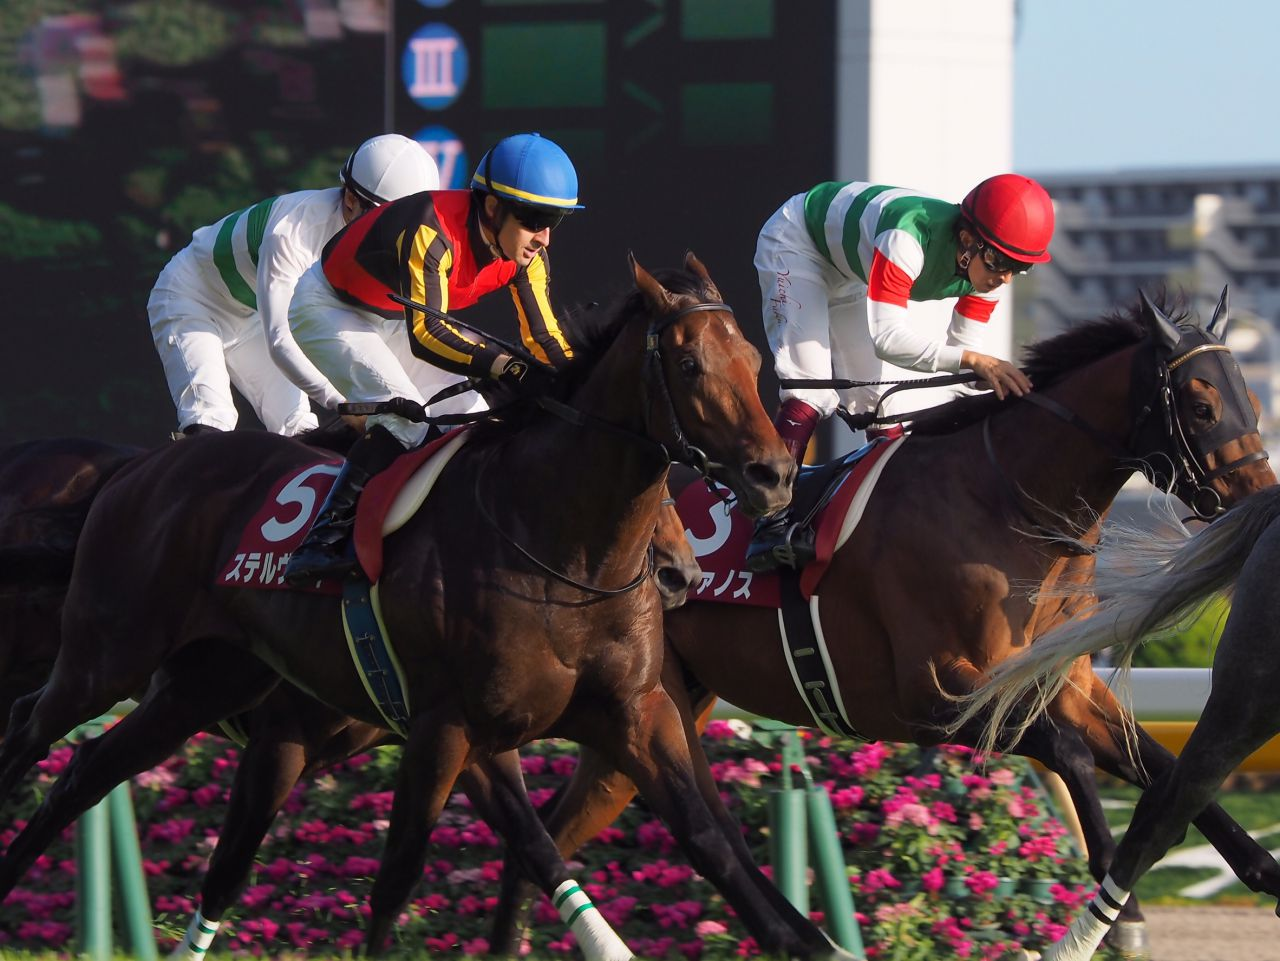 【毎日王冠】ステルヴィオ鋭く追い込むも2着!ルメール「勝った馬が強かった」